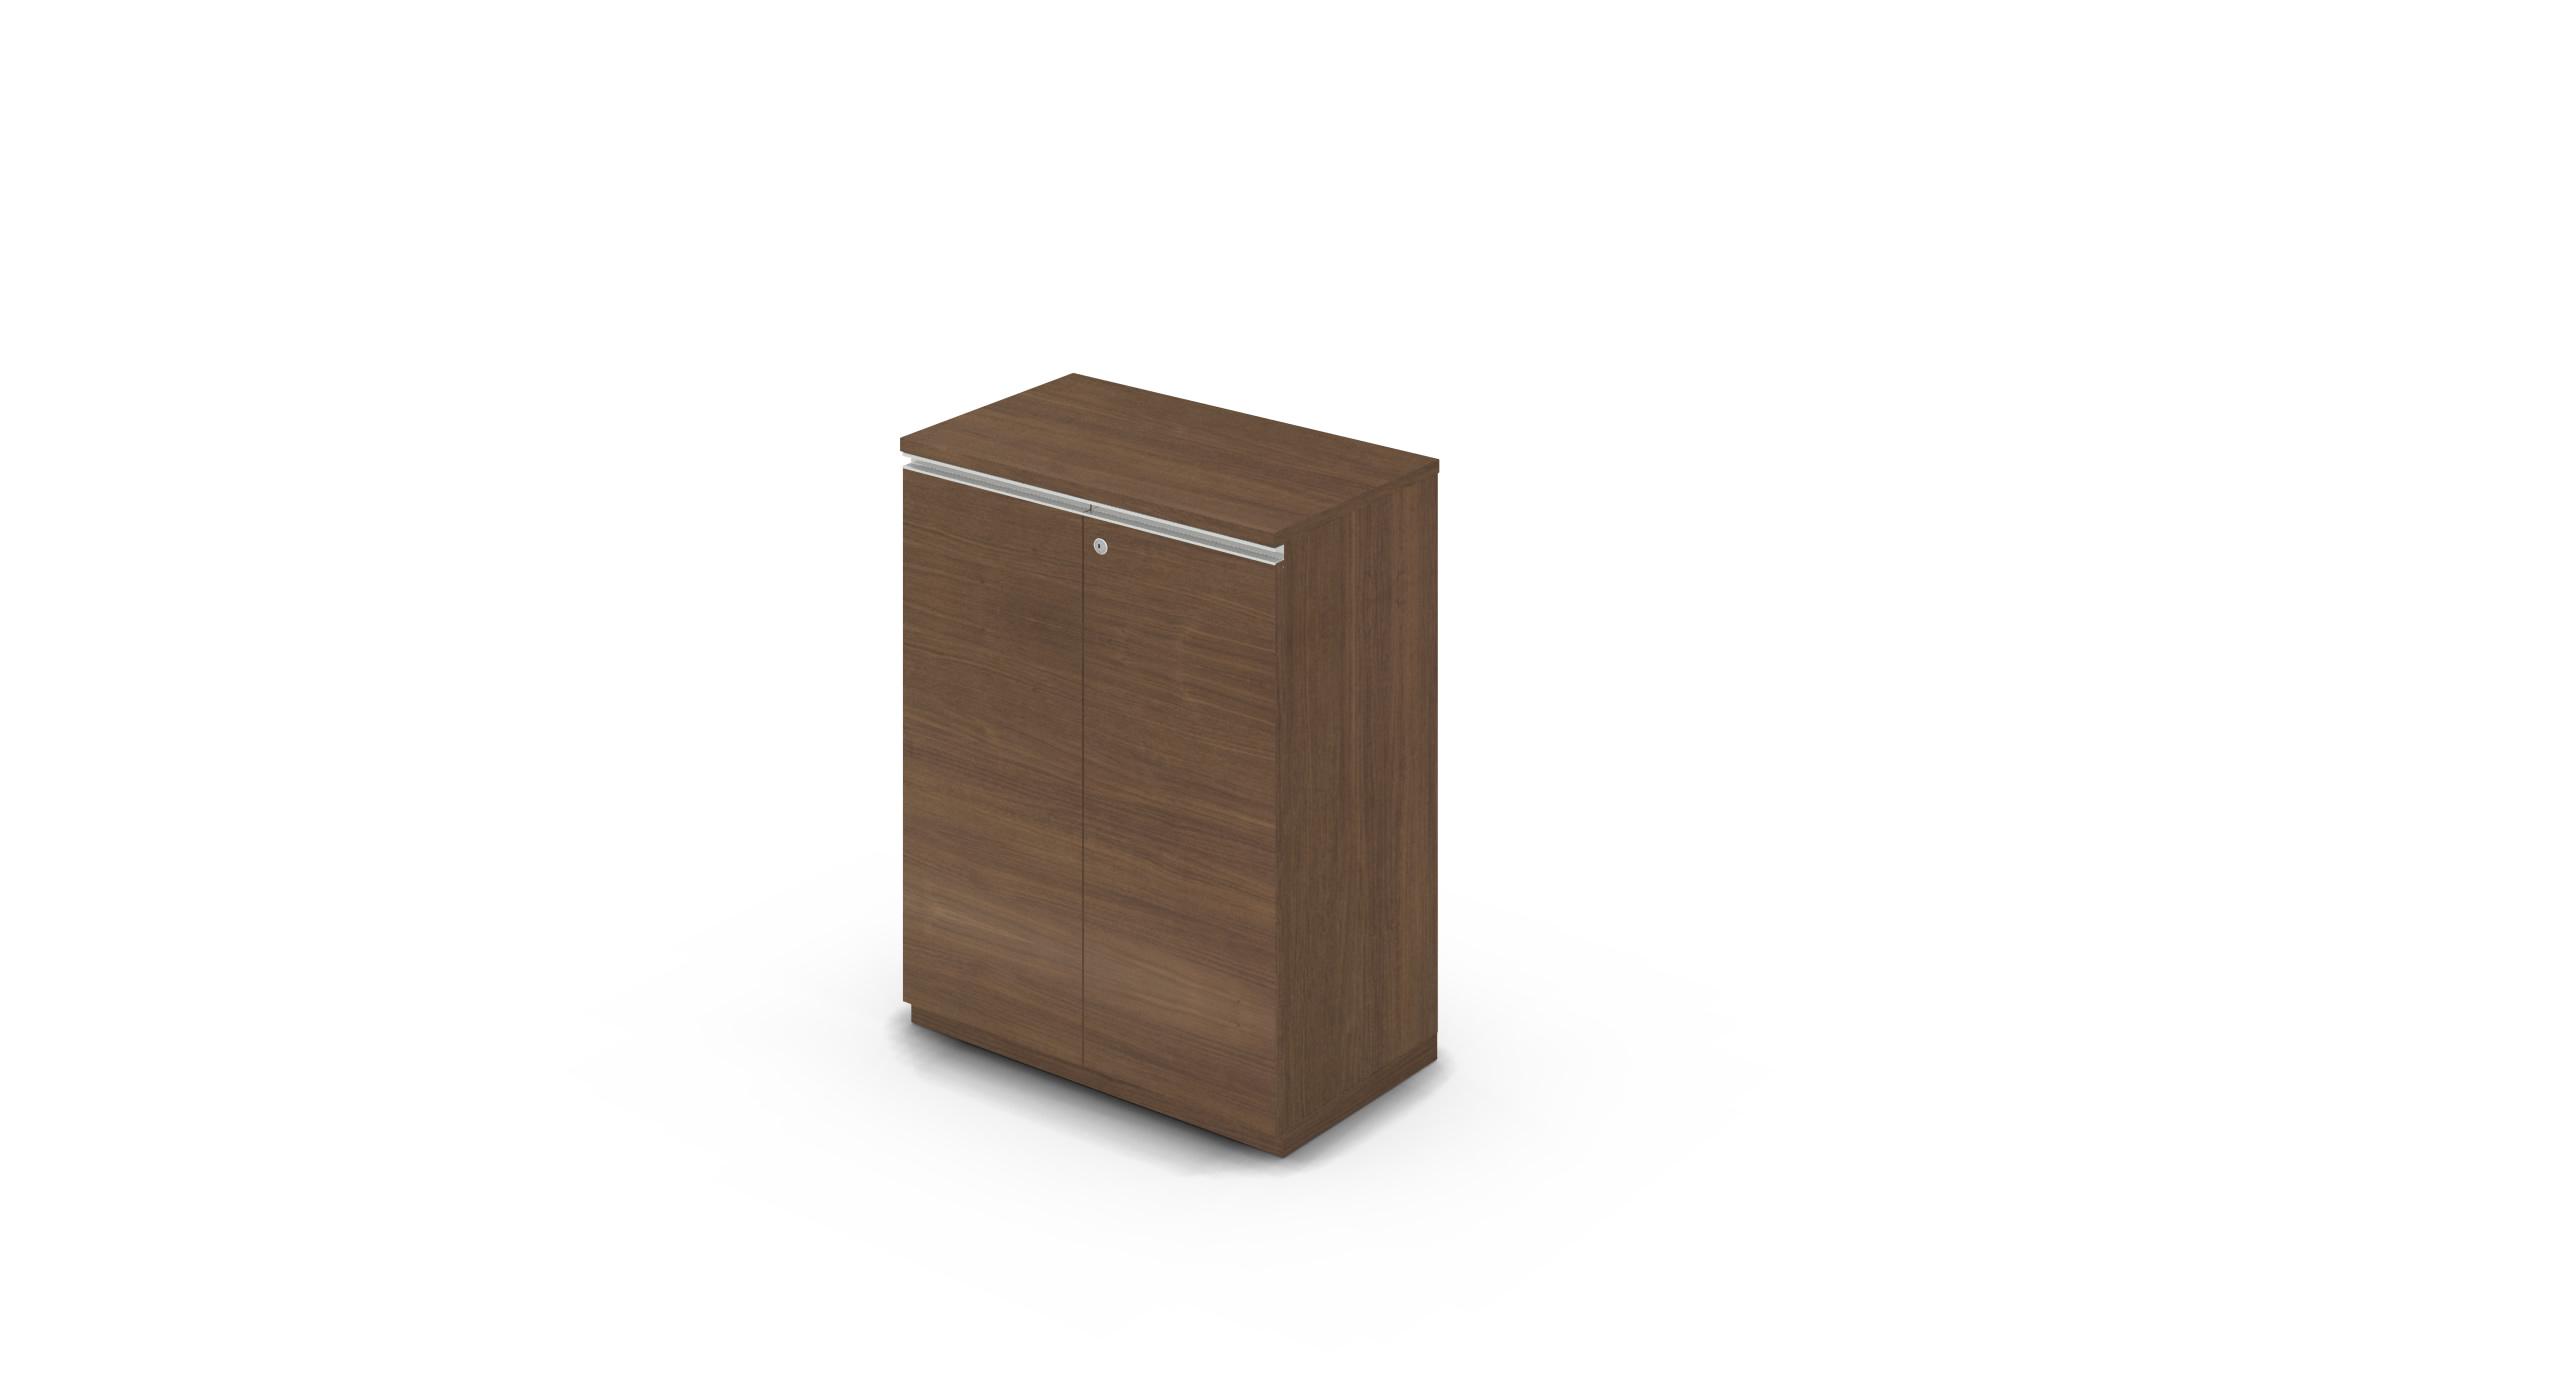 Cabinet_800x450x1125_HD_Walnut_Rail_WithCylinder